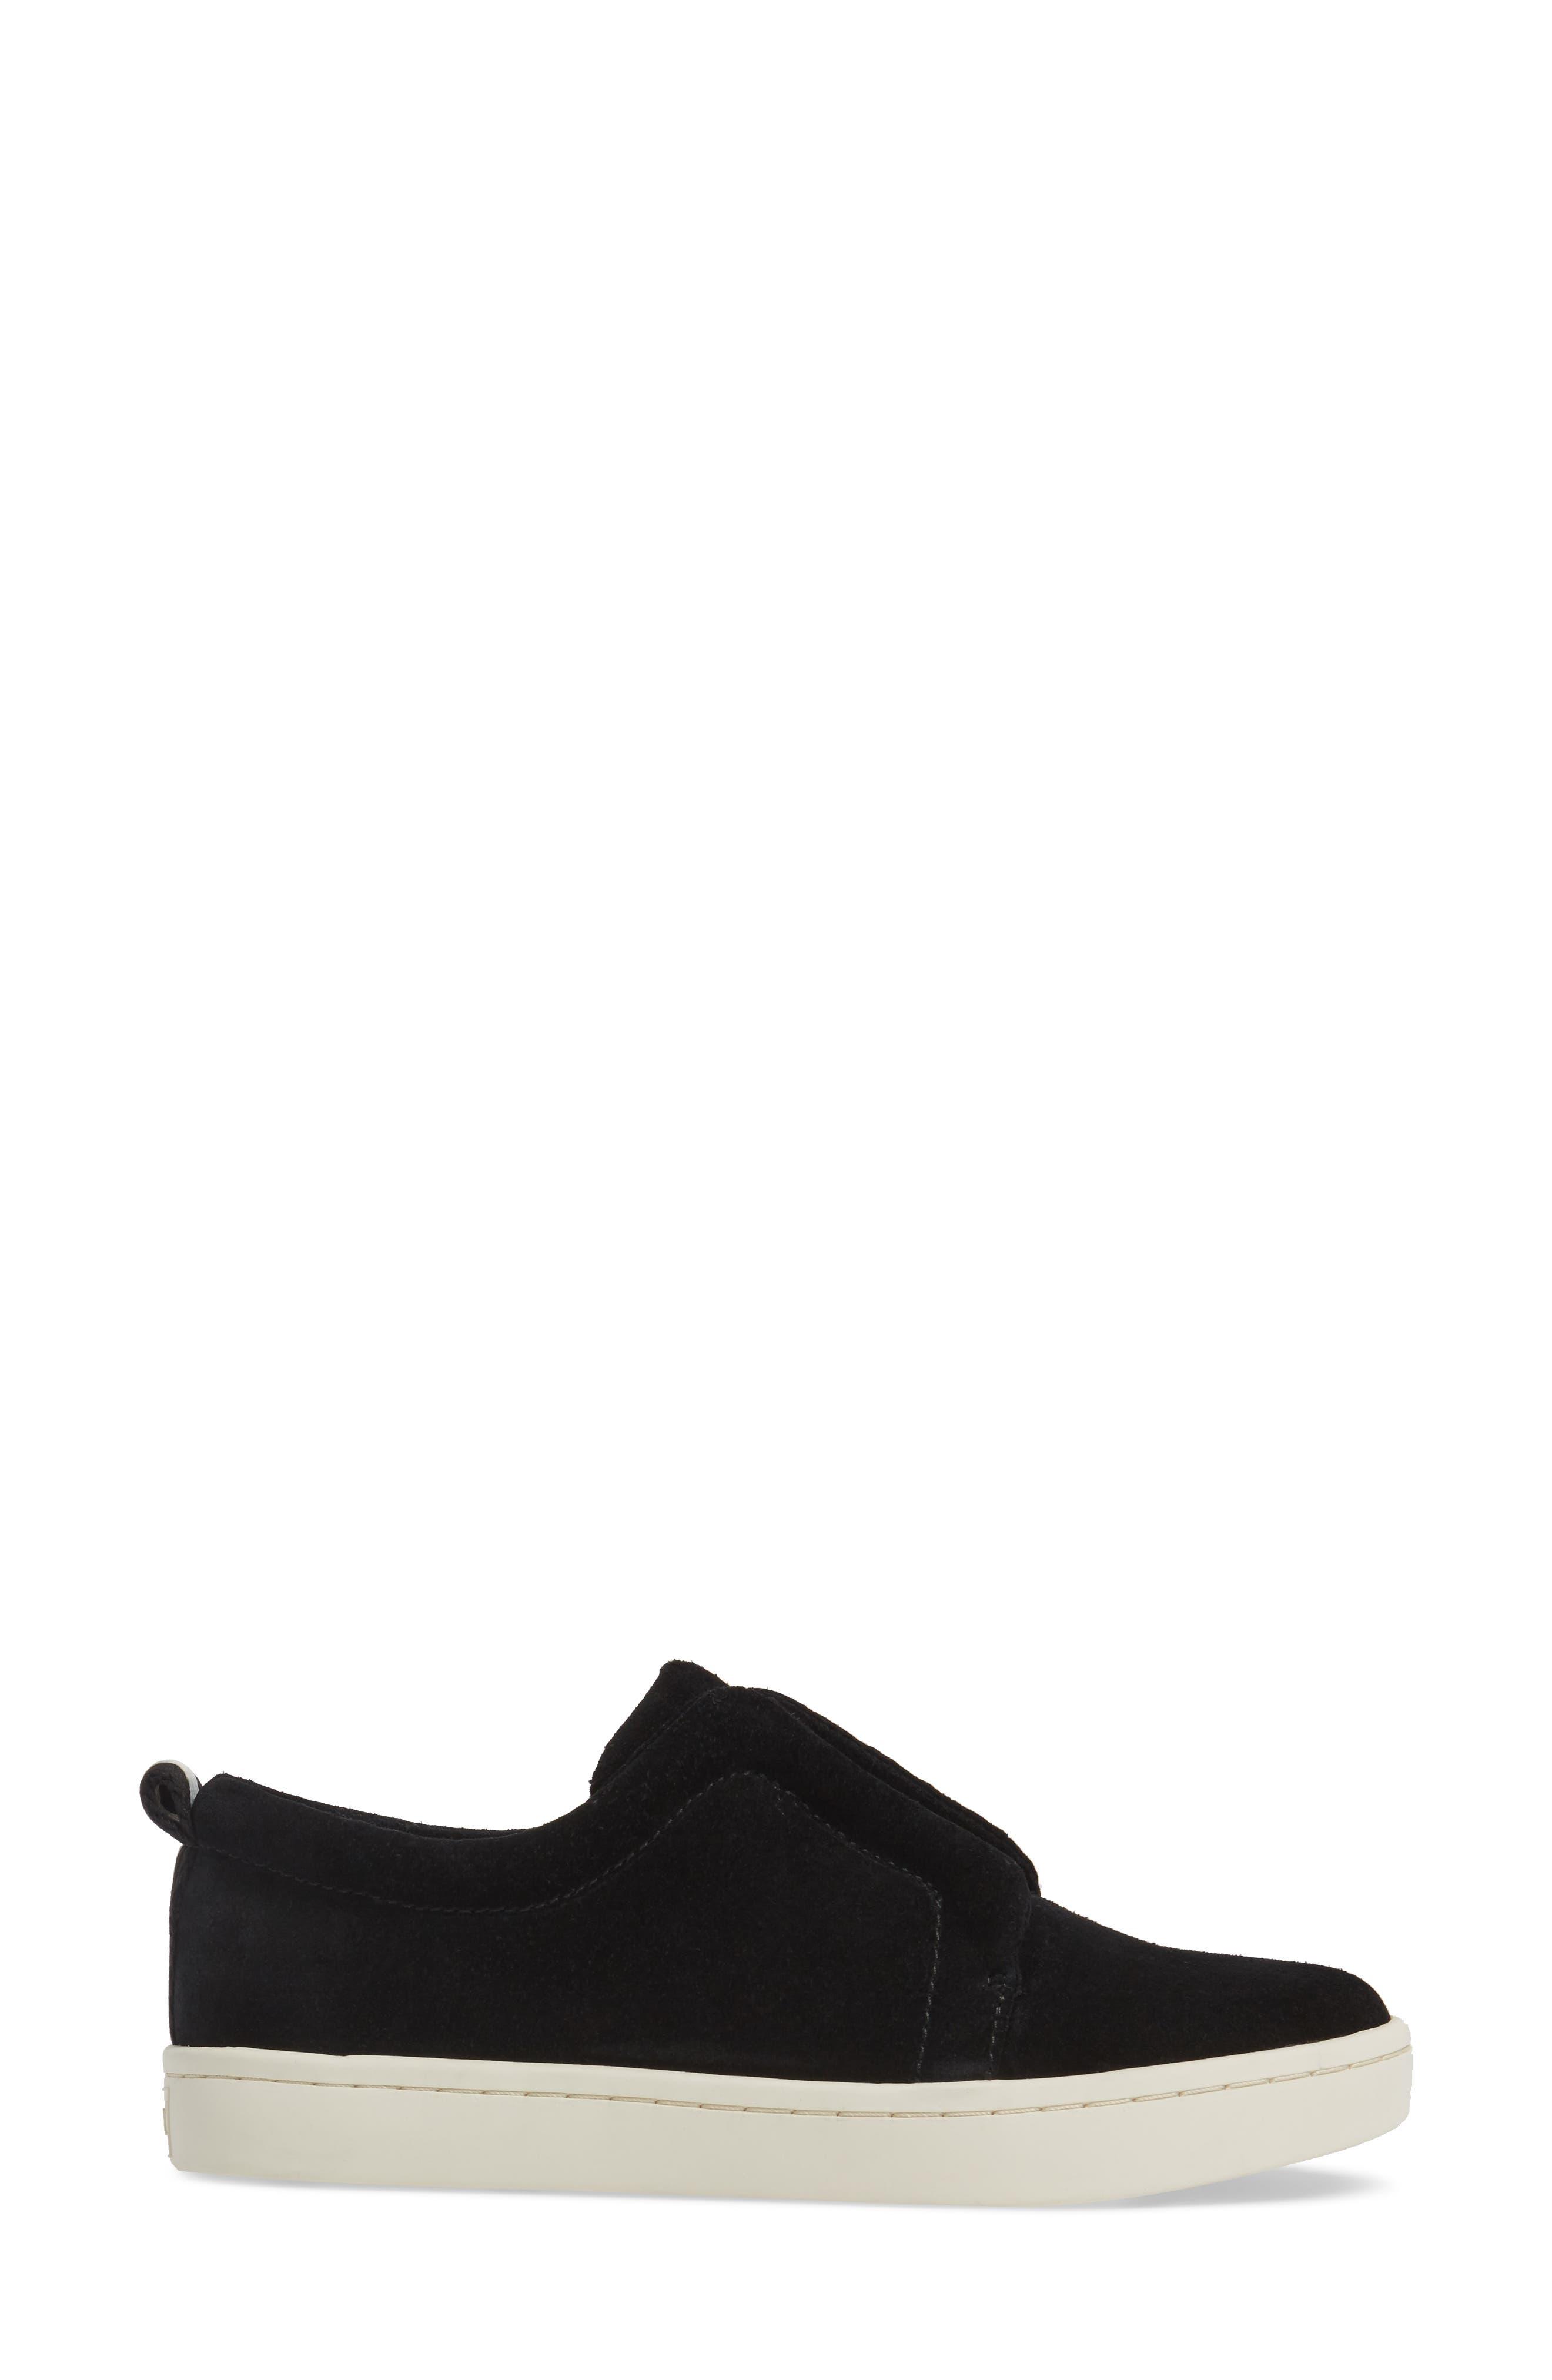 Dagny Slip-On Sneaker,                             Alternate thumbnail 3, color,                             013